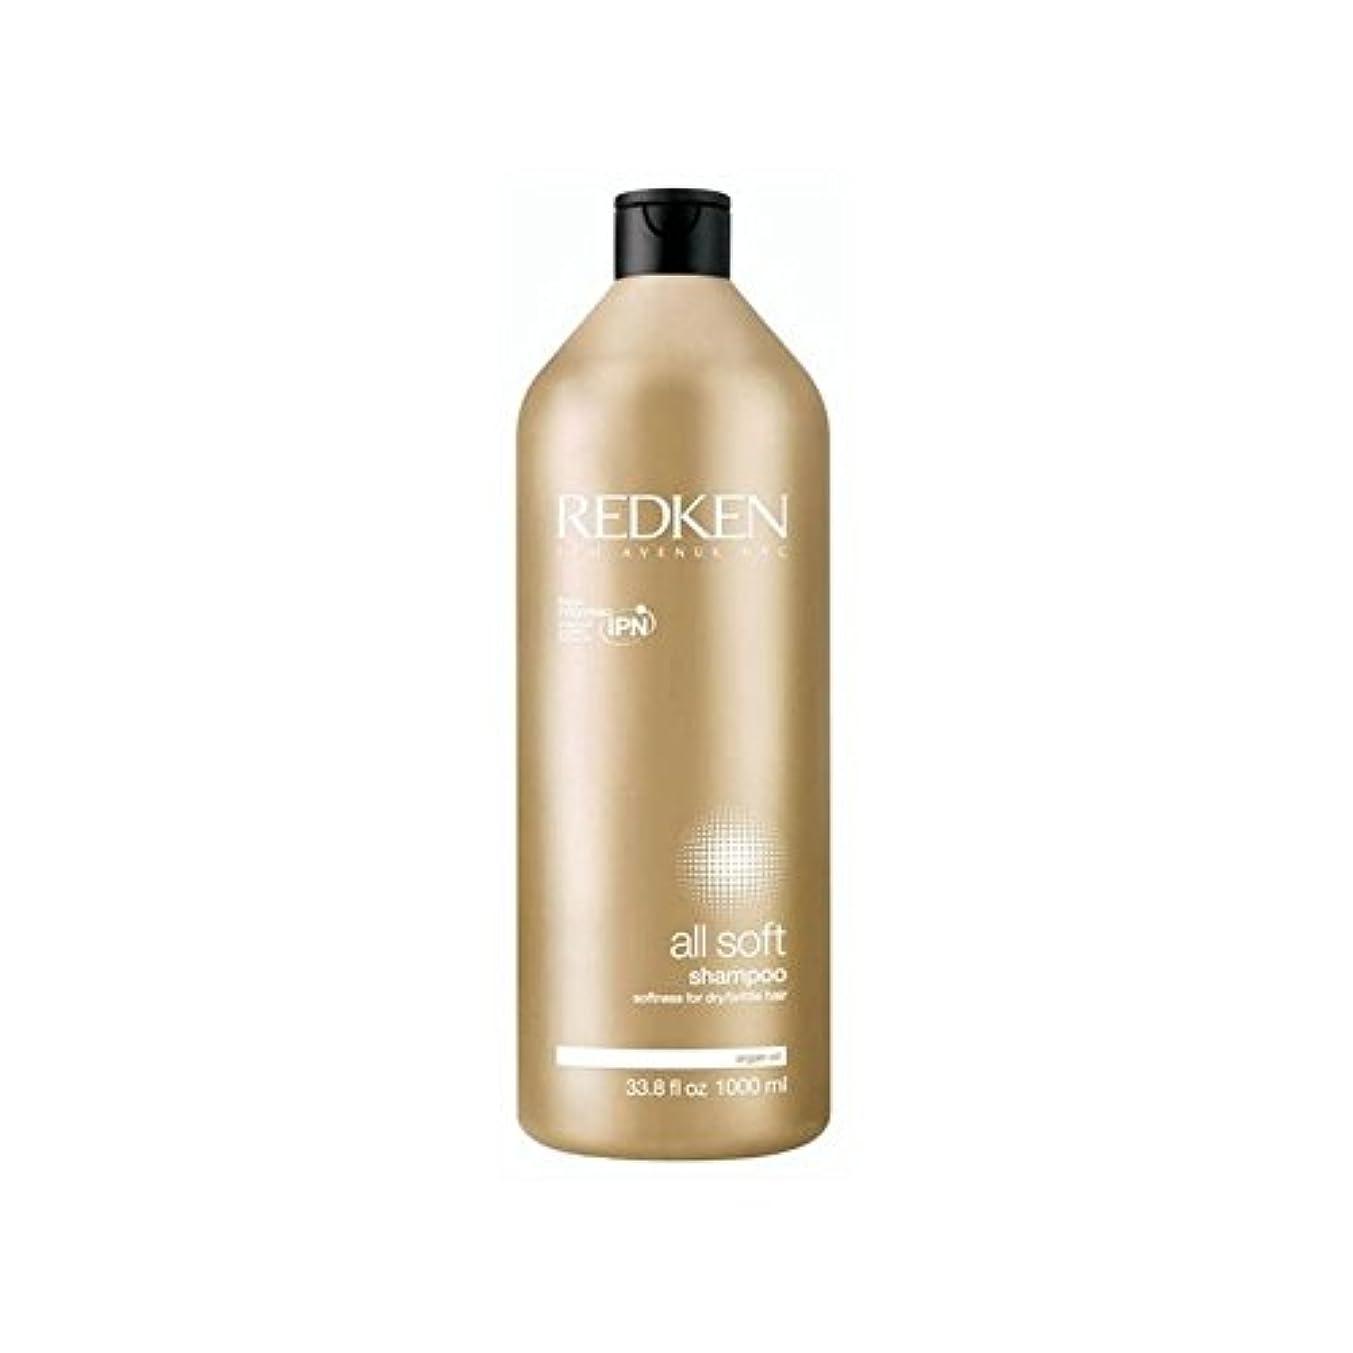 忠誠乱暴な靴Redken All Soft Shampoo 1000ml (Pack of 6) - すべてのソフトシャンプー千ミリリットルをレッドケン x6 [並行輸入品]